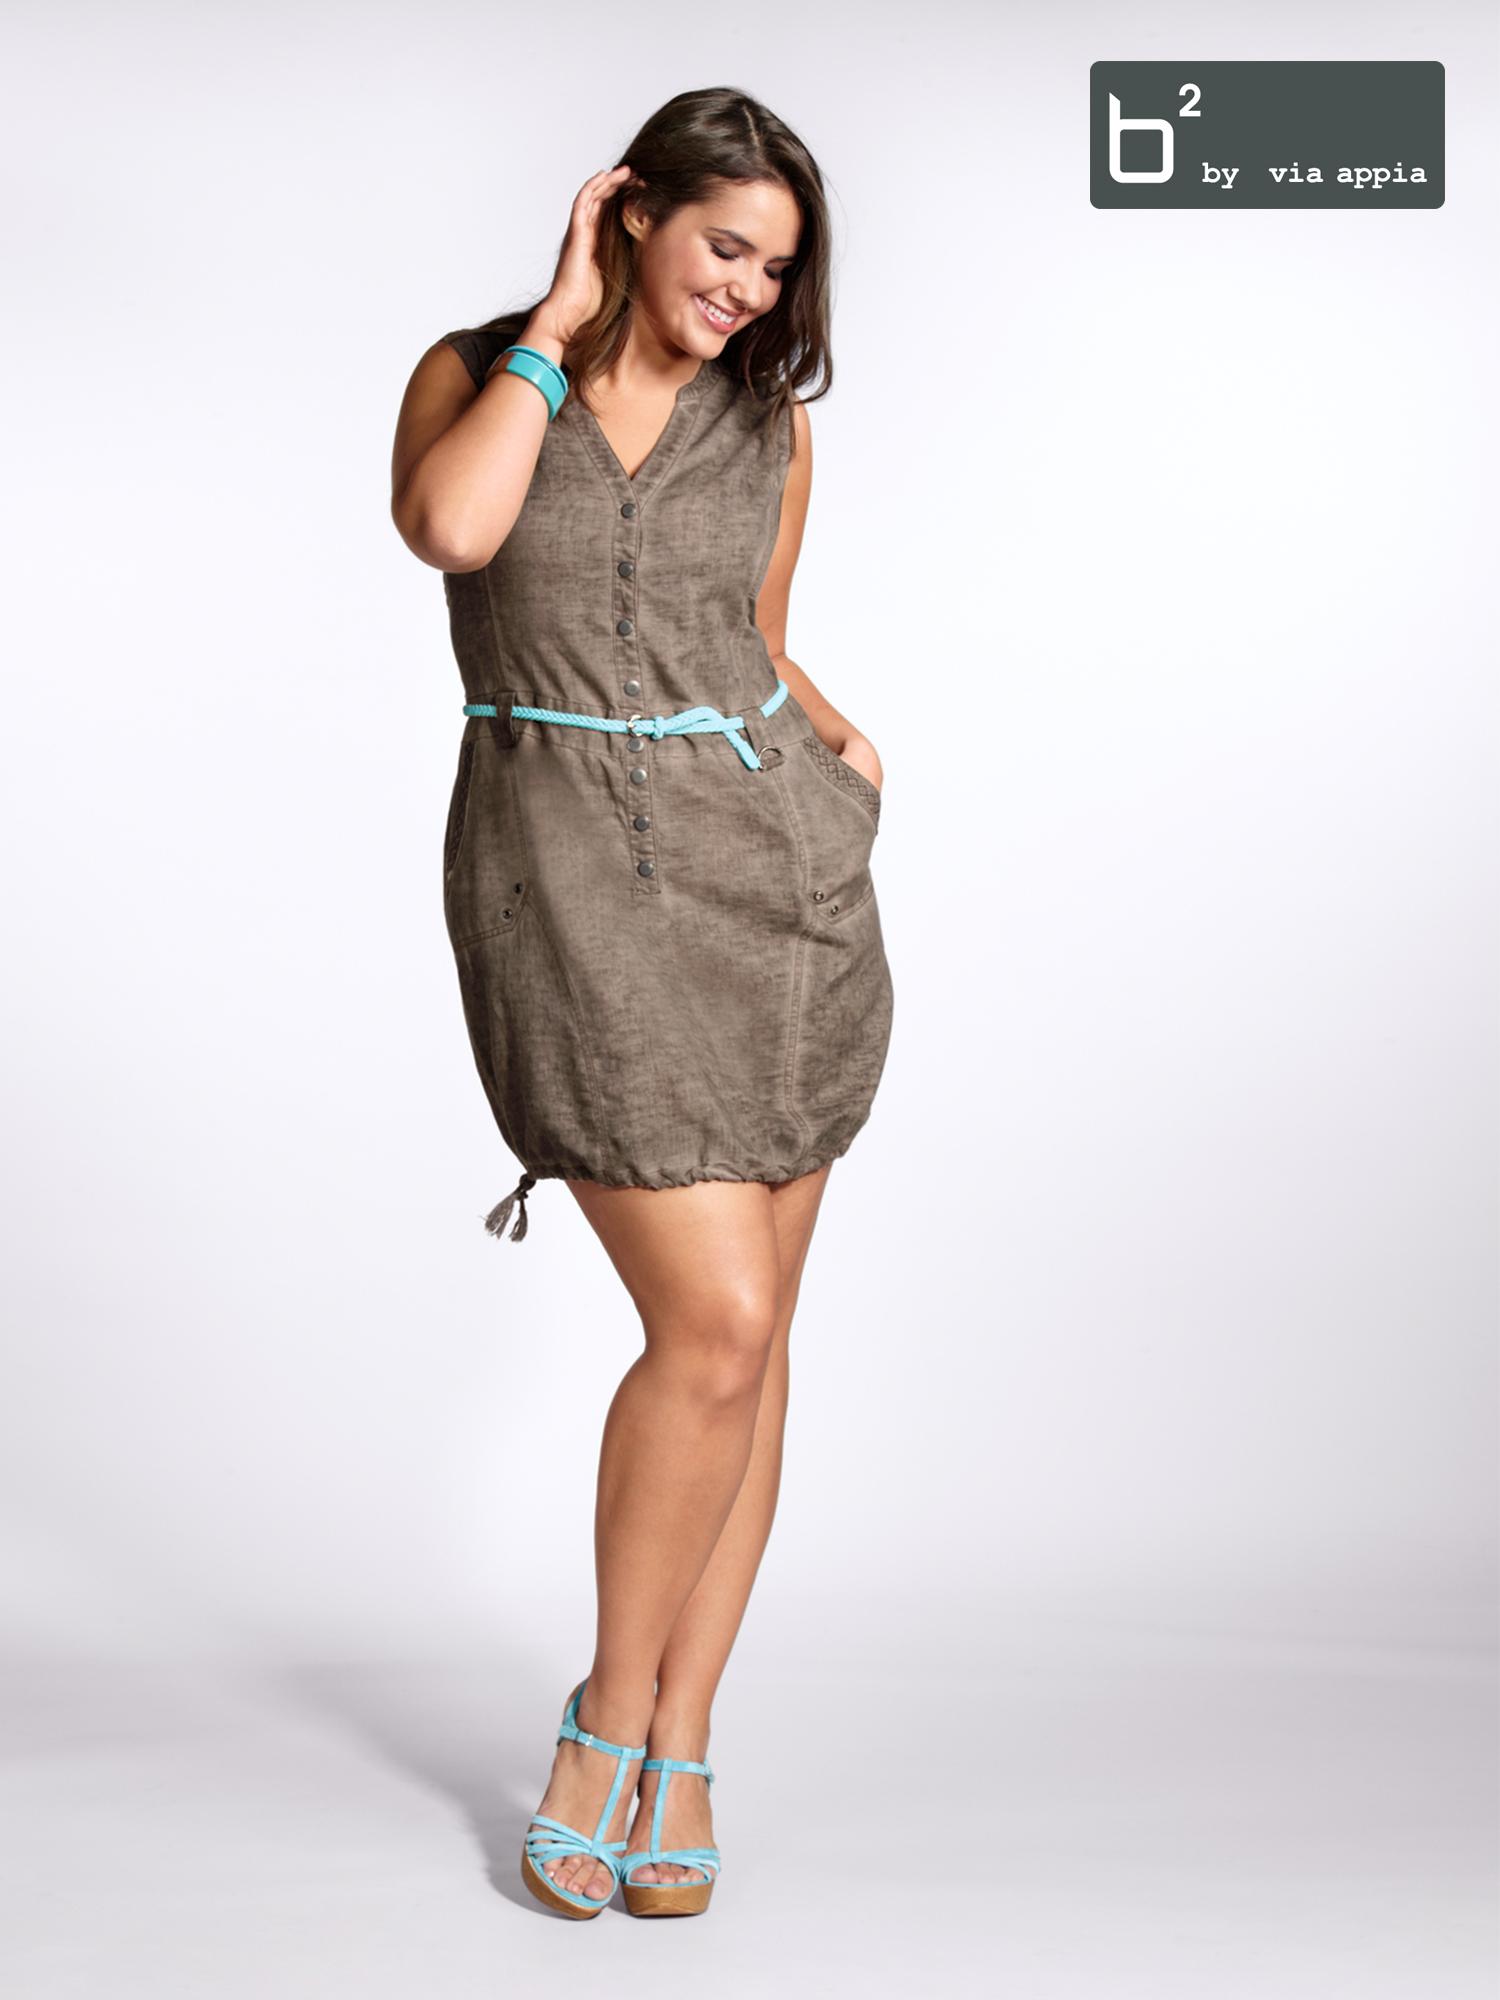 Großartige Mode Für Mollige Größe 44 54 Incurvy Plus Size Fashion